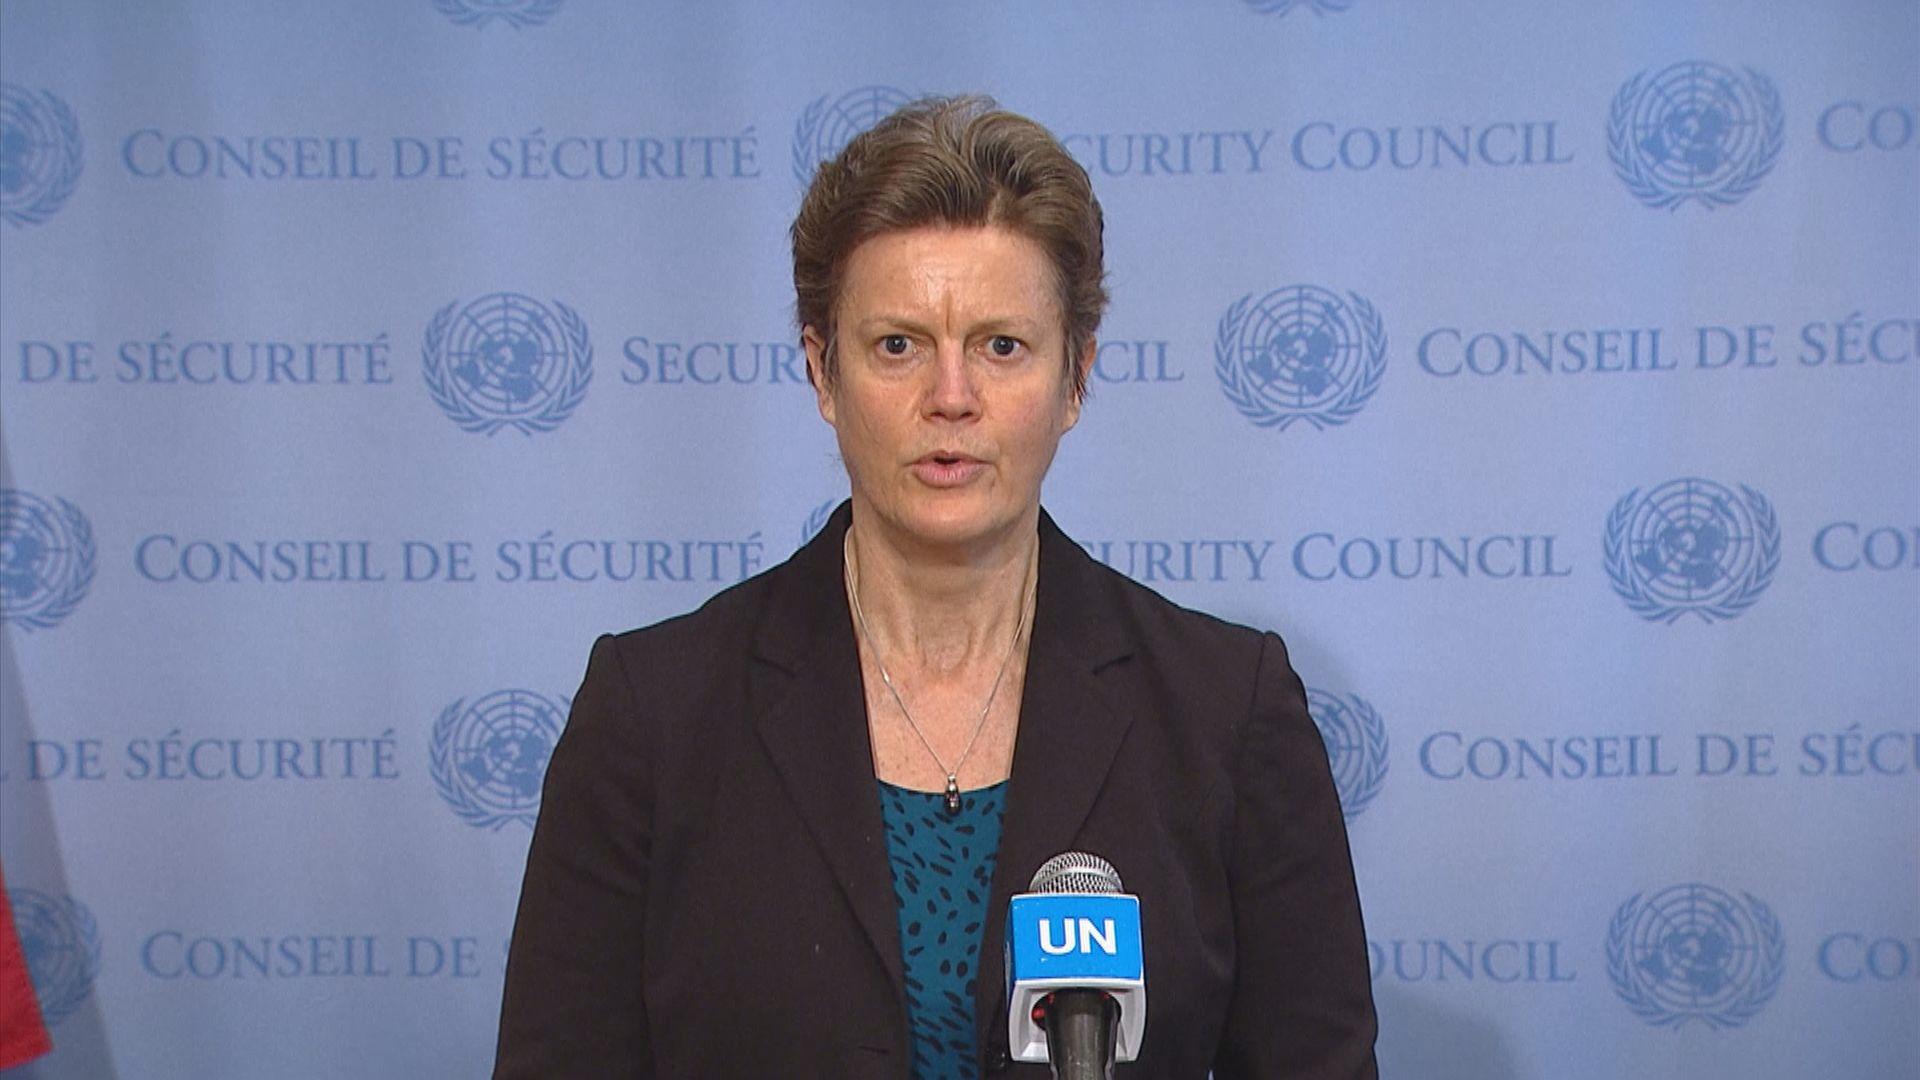 聯合國發聲明要求釋放昂山素姬等人 未譴責緬甸政變